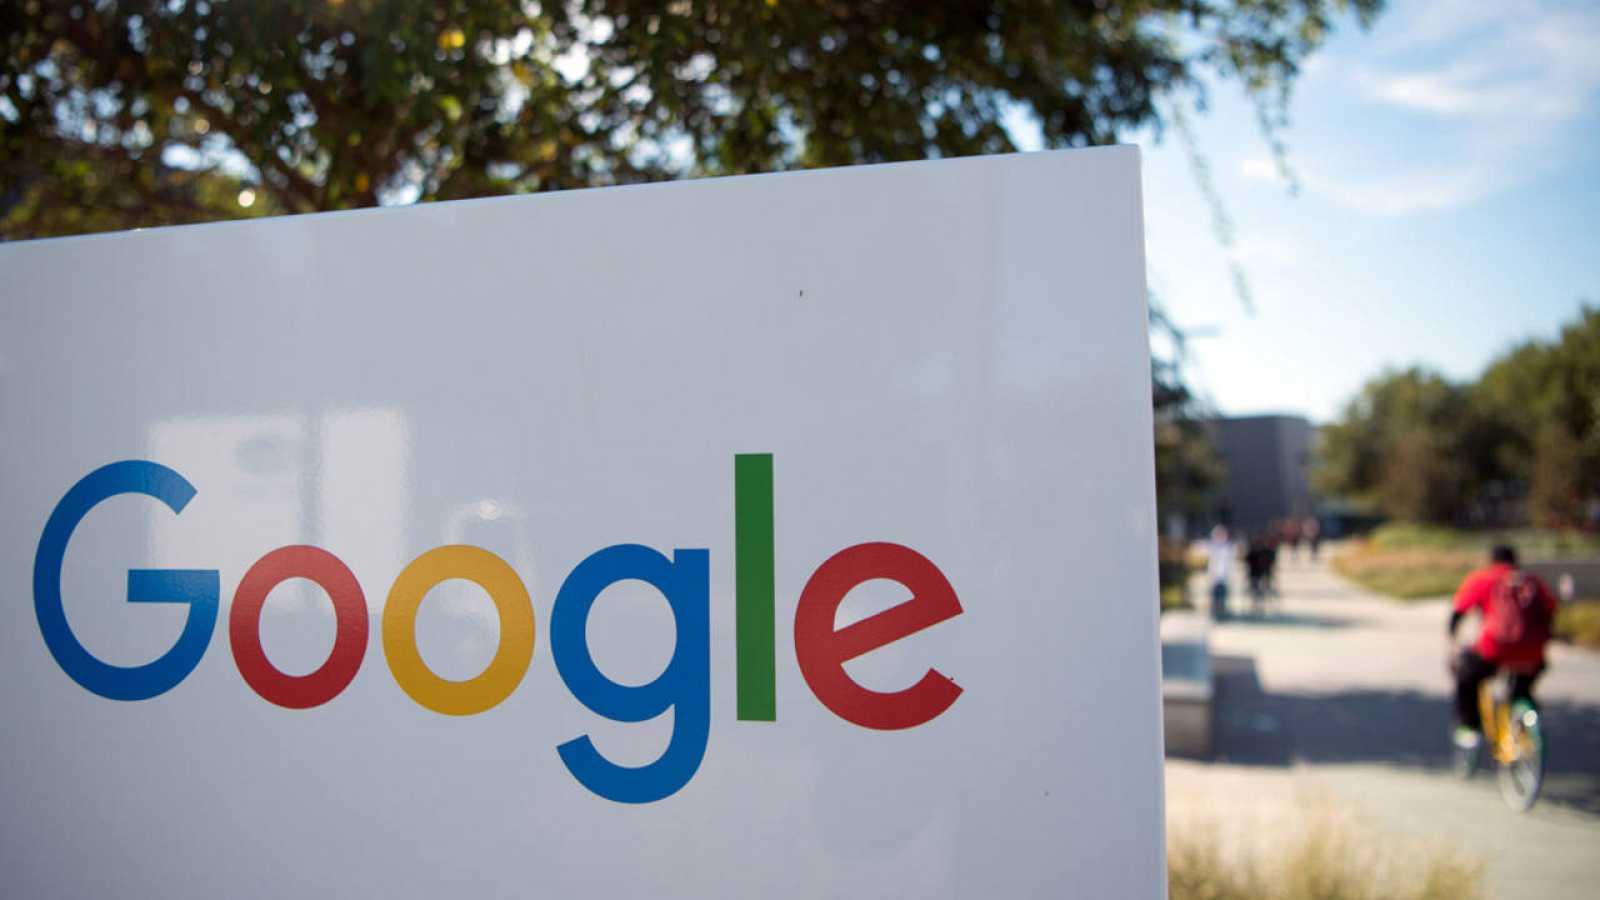 Google ha recibido acusaciones por búsquedas relacionadas con Donald Trump y el apoyo popular.